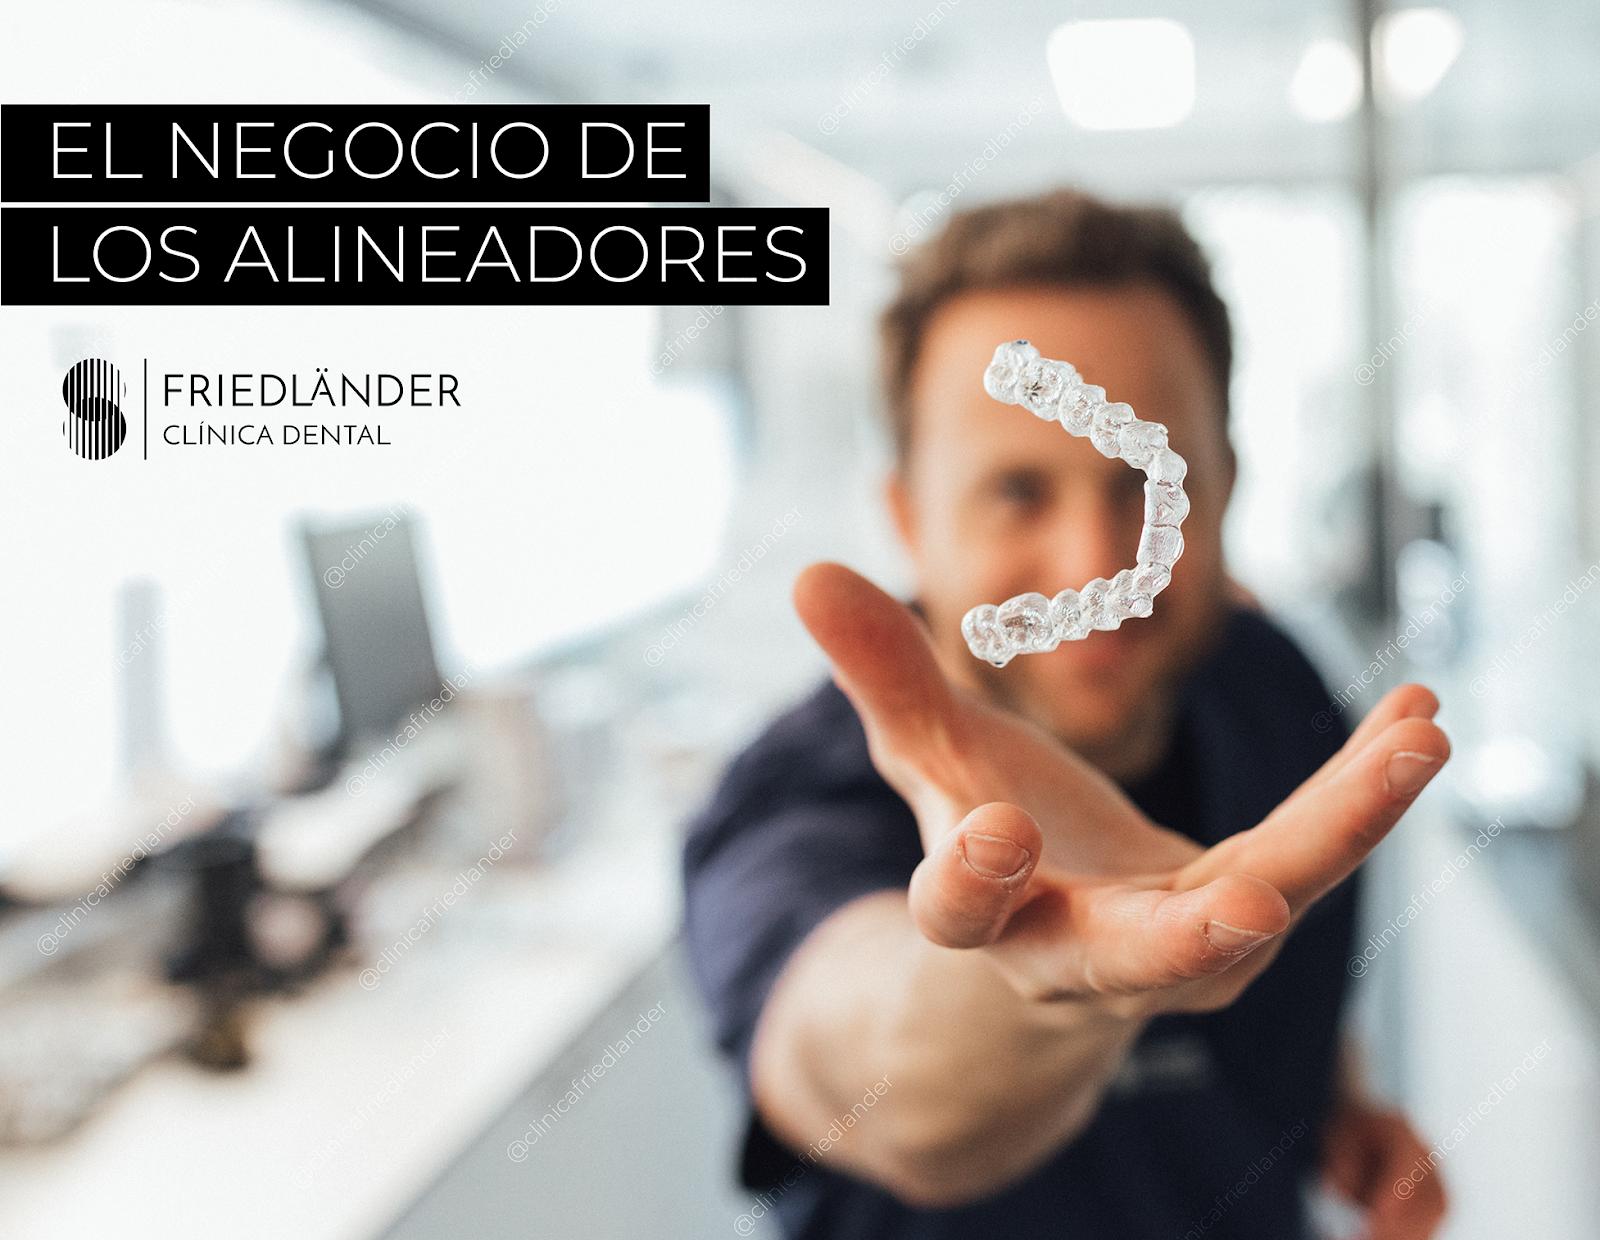 El negocio de los alineadores transparentes en la ortodoncia 1